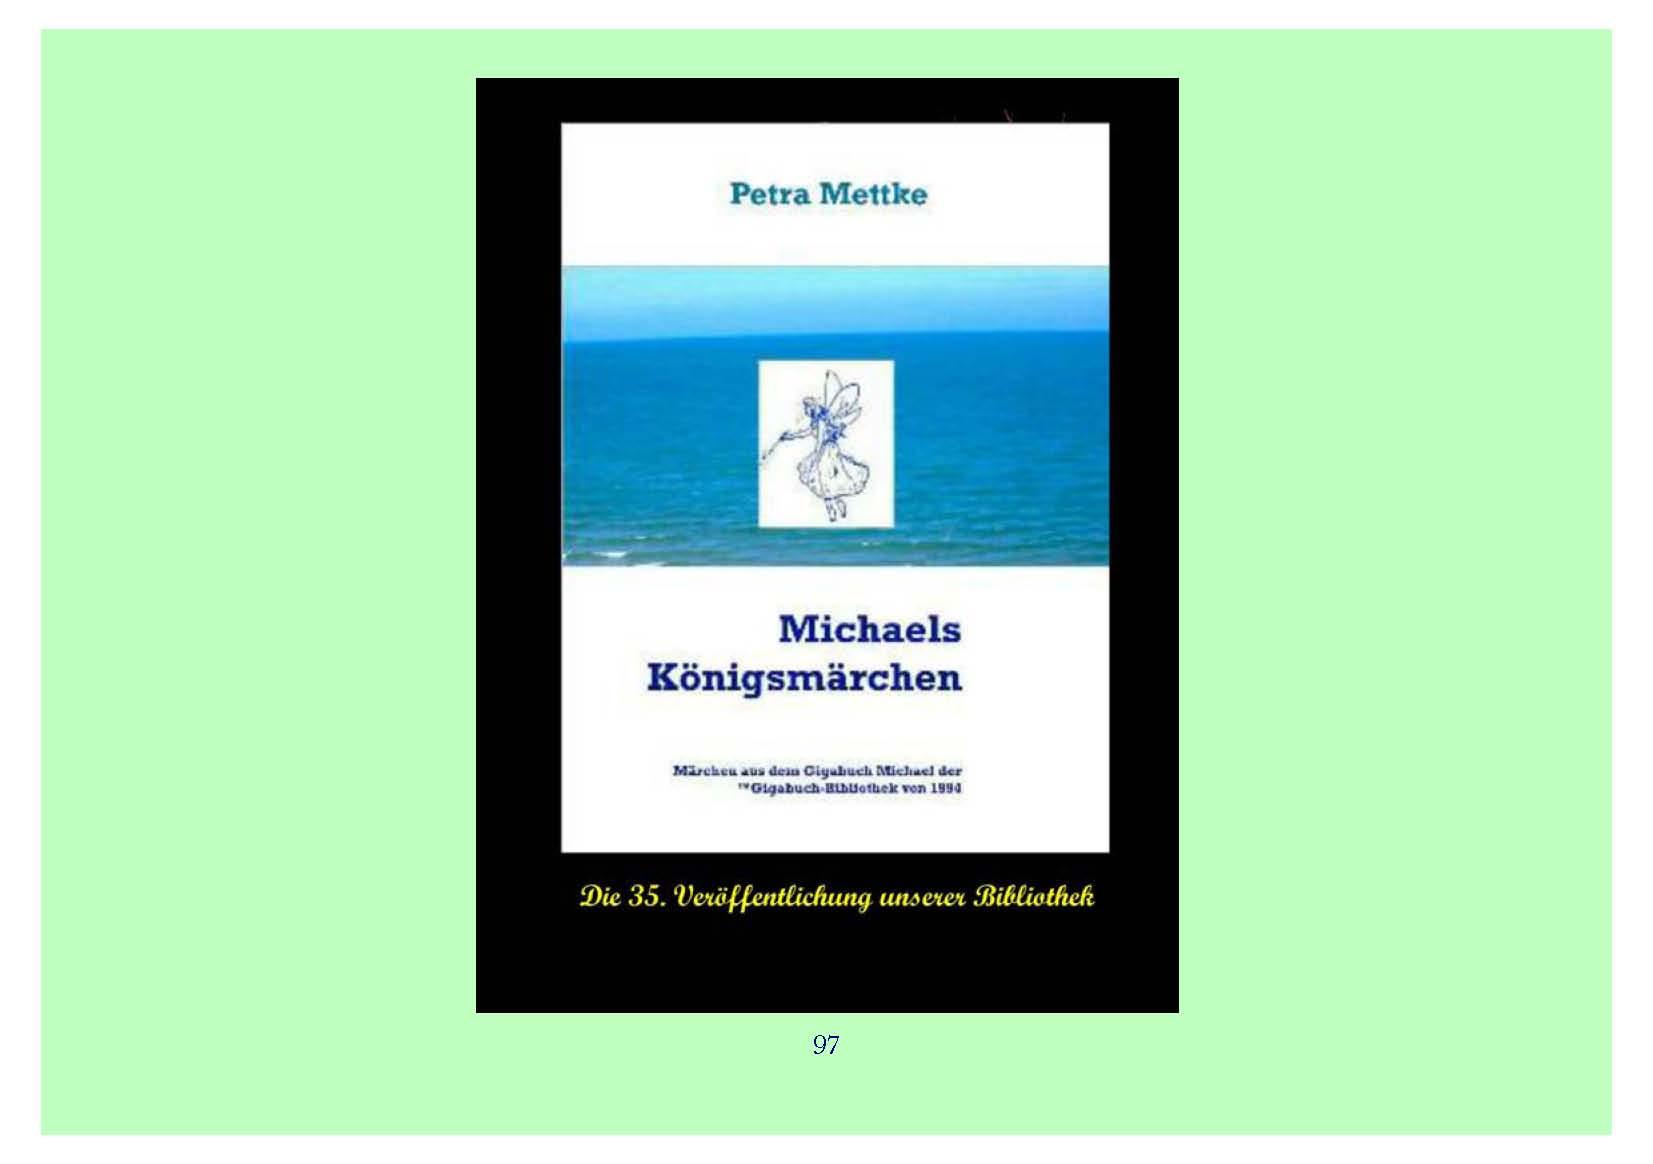 ™Gigabuch-Bibliothek/iAutobiographie Band 4/Bild 0299